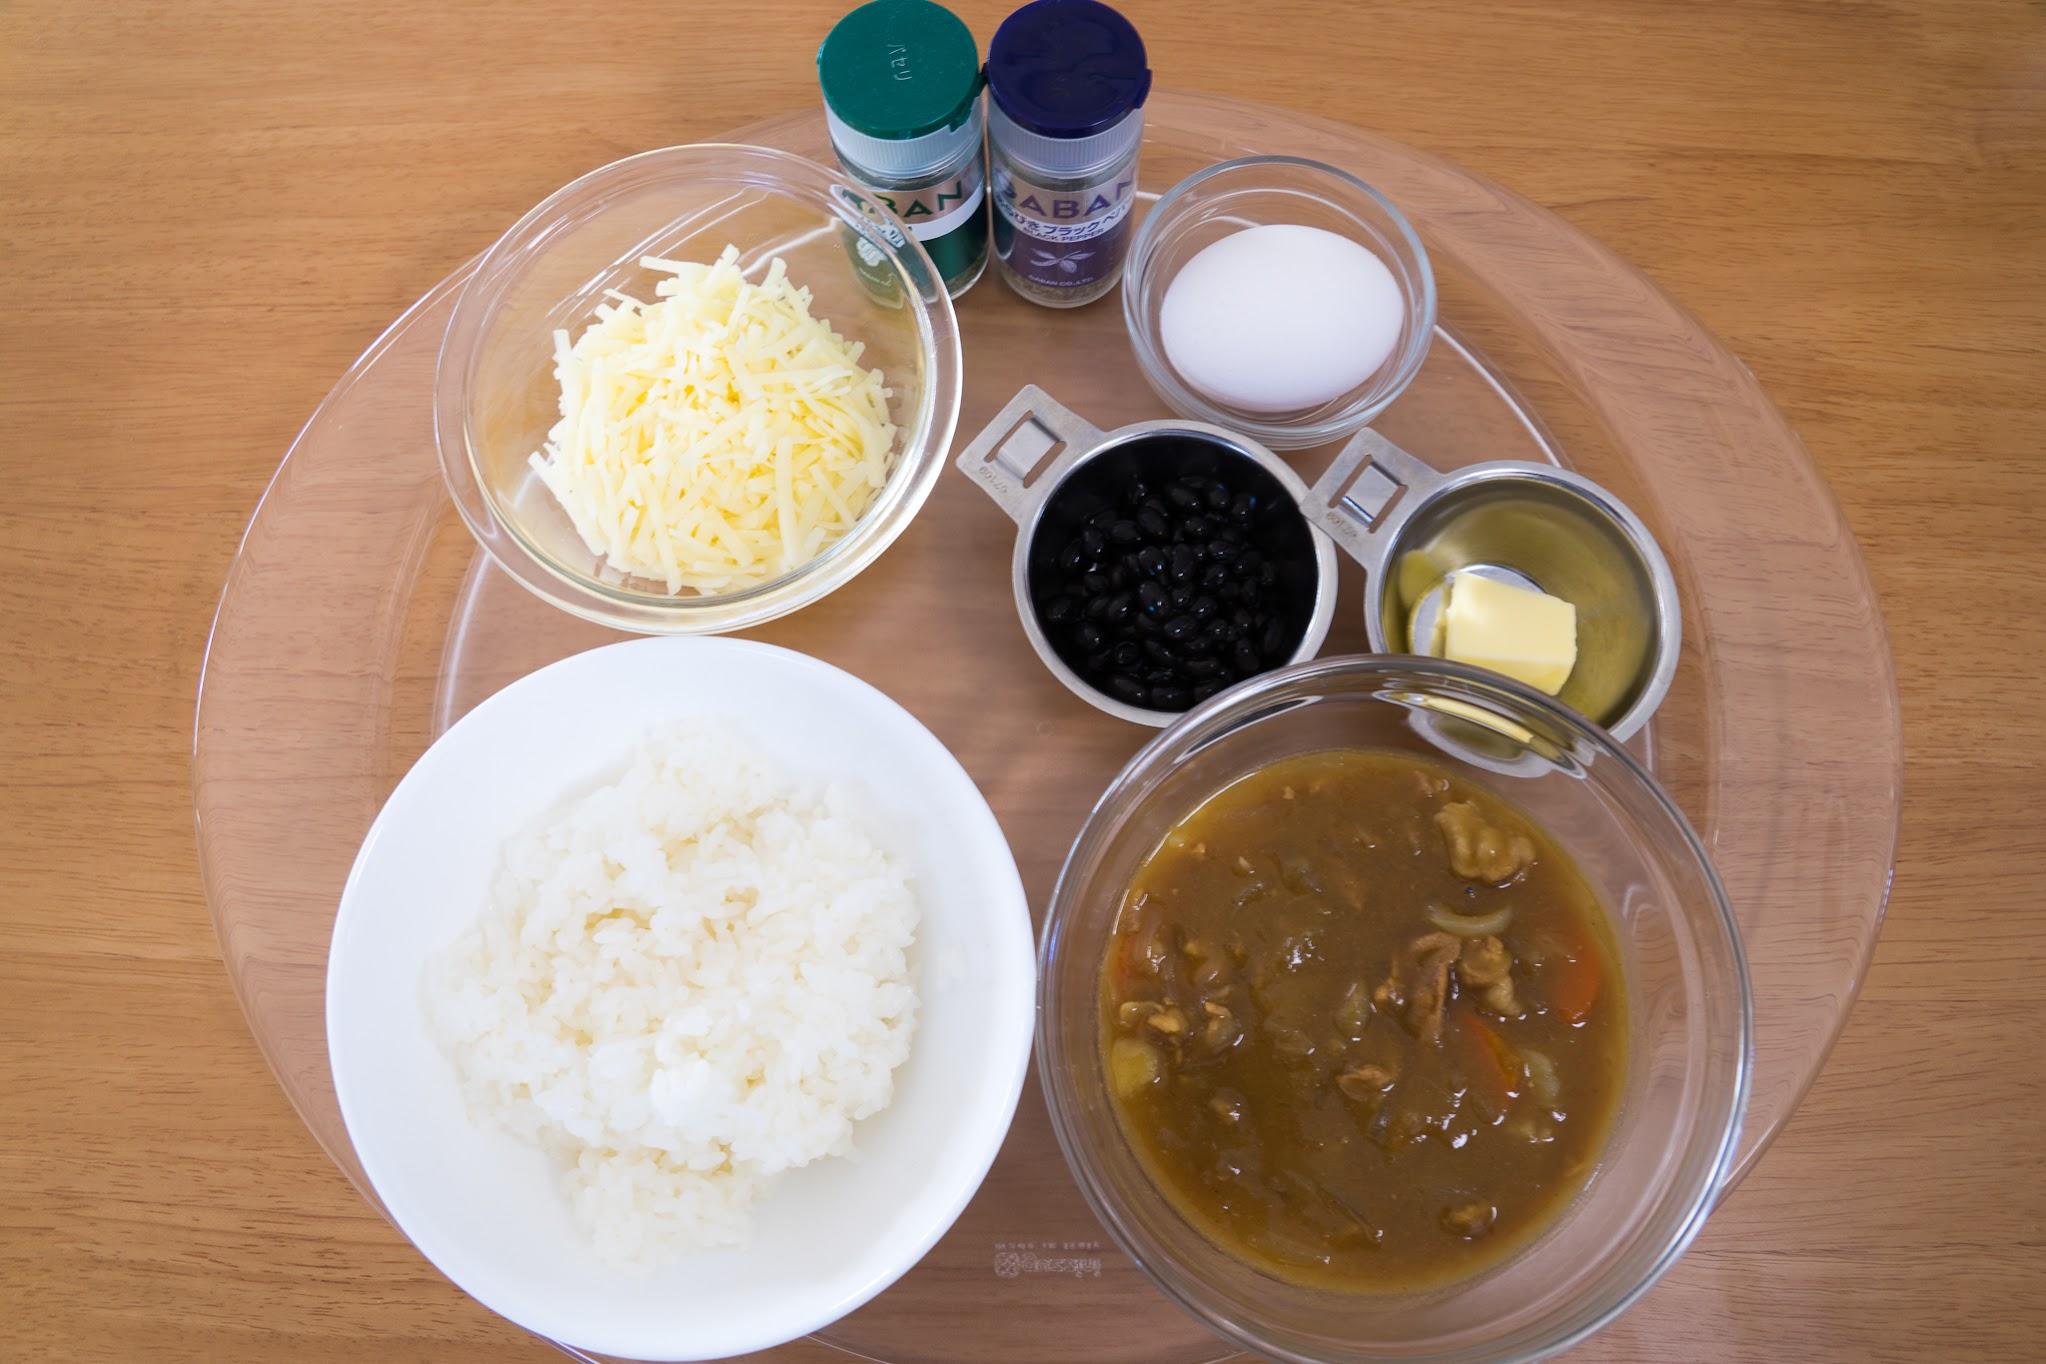 黒千石レシピ:黒千石大豆入り焼きチーズカレー・材料